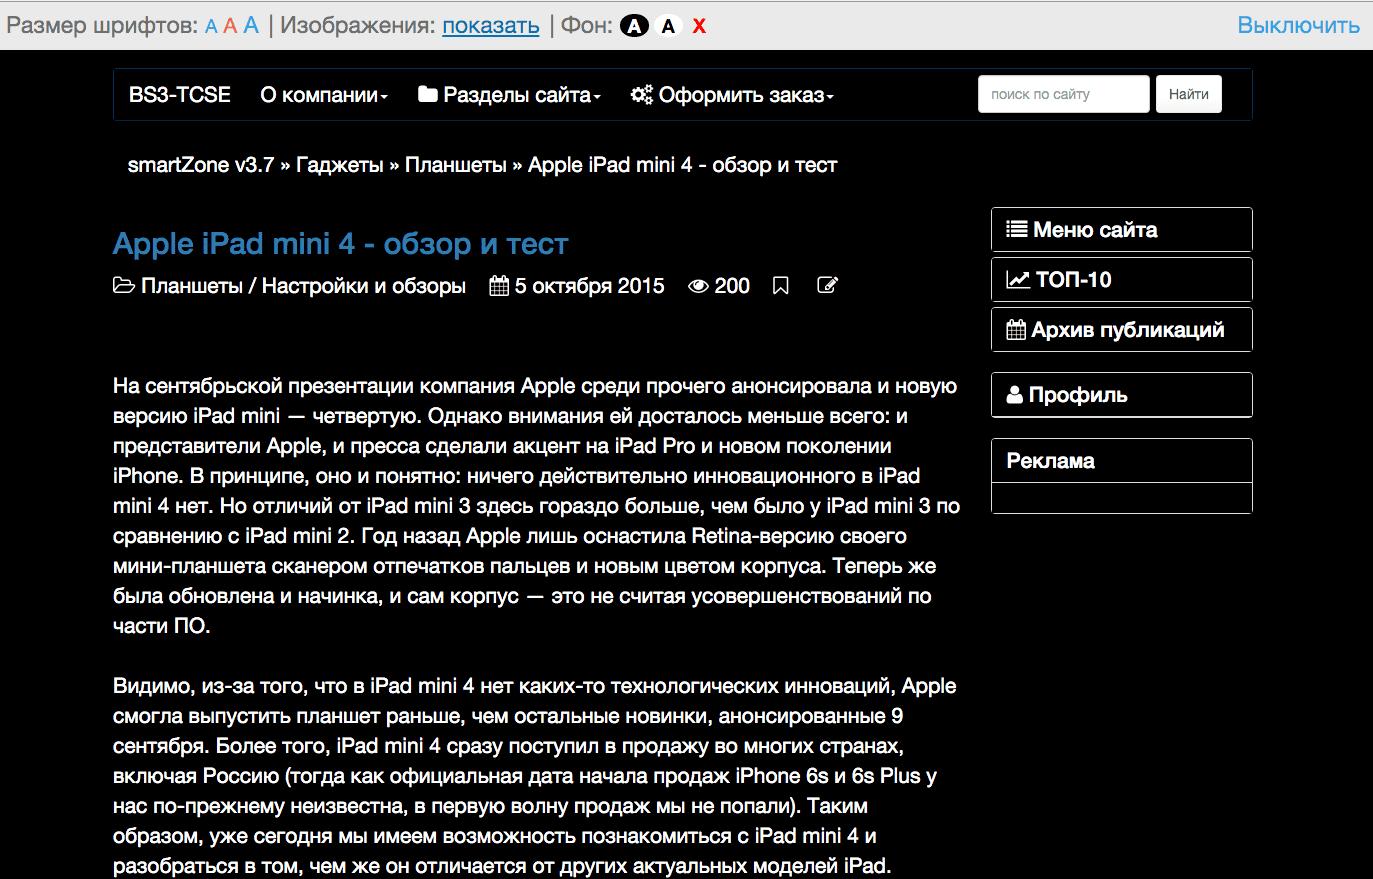 Возможно ли на dle сделать сайт промежуточные серверы для создания vpn